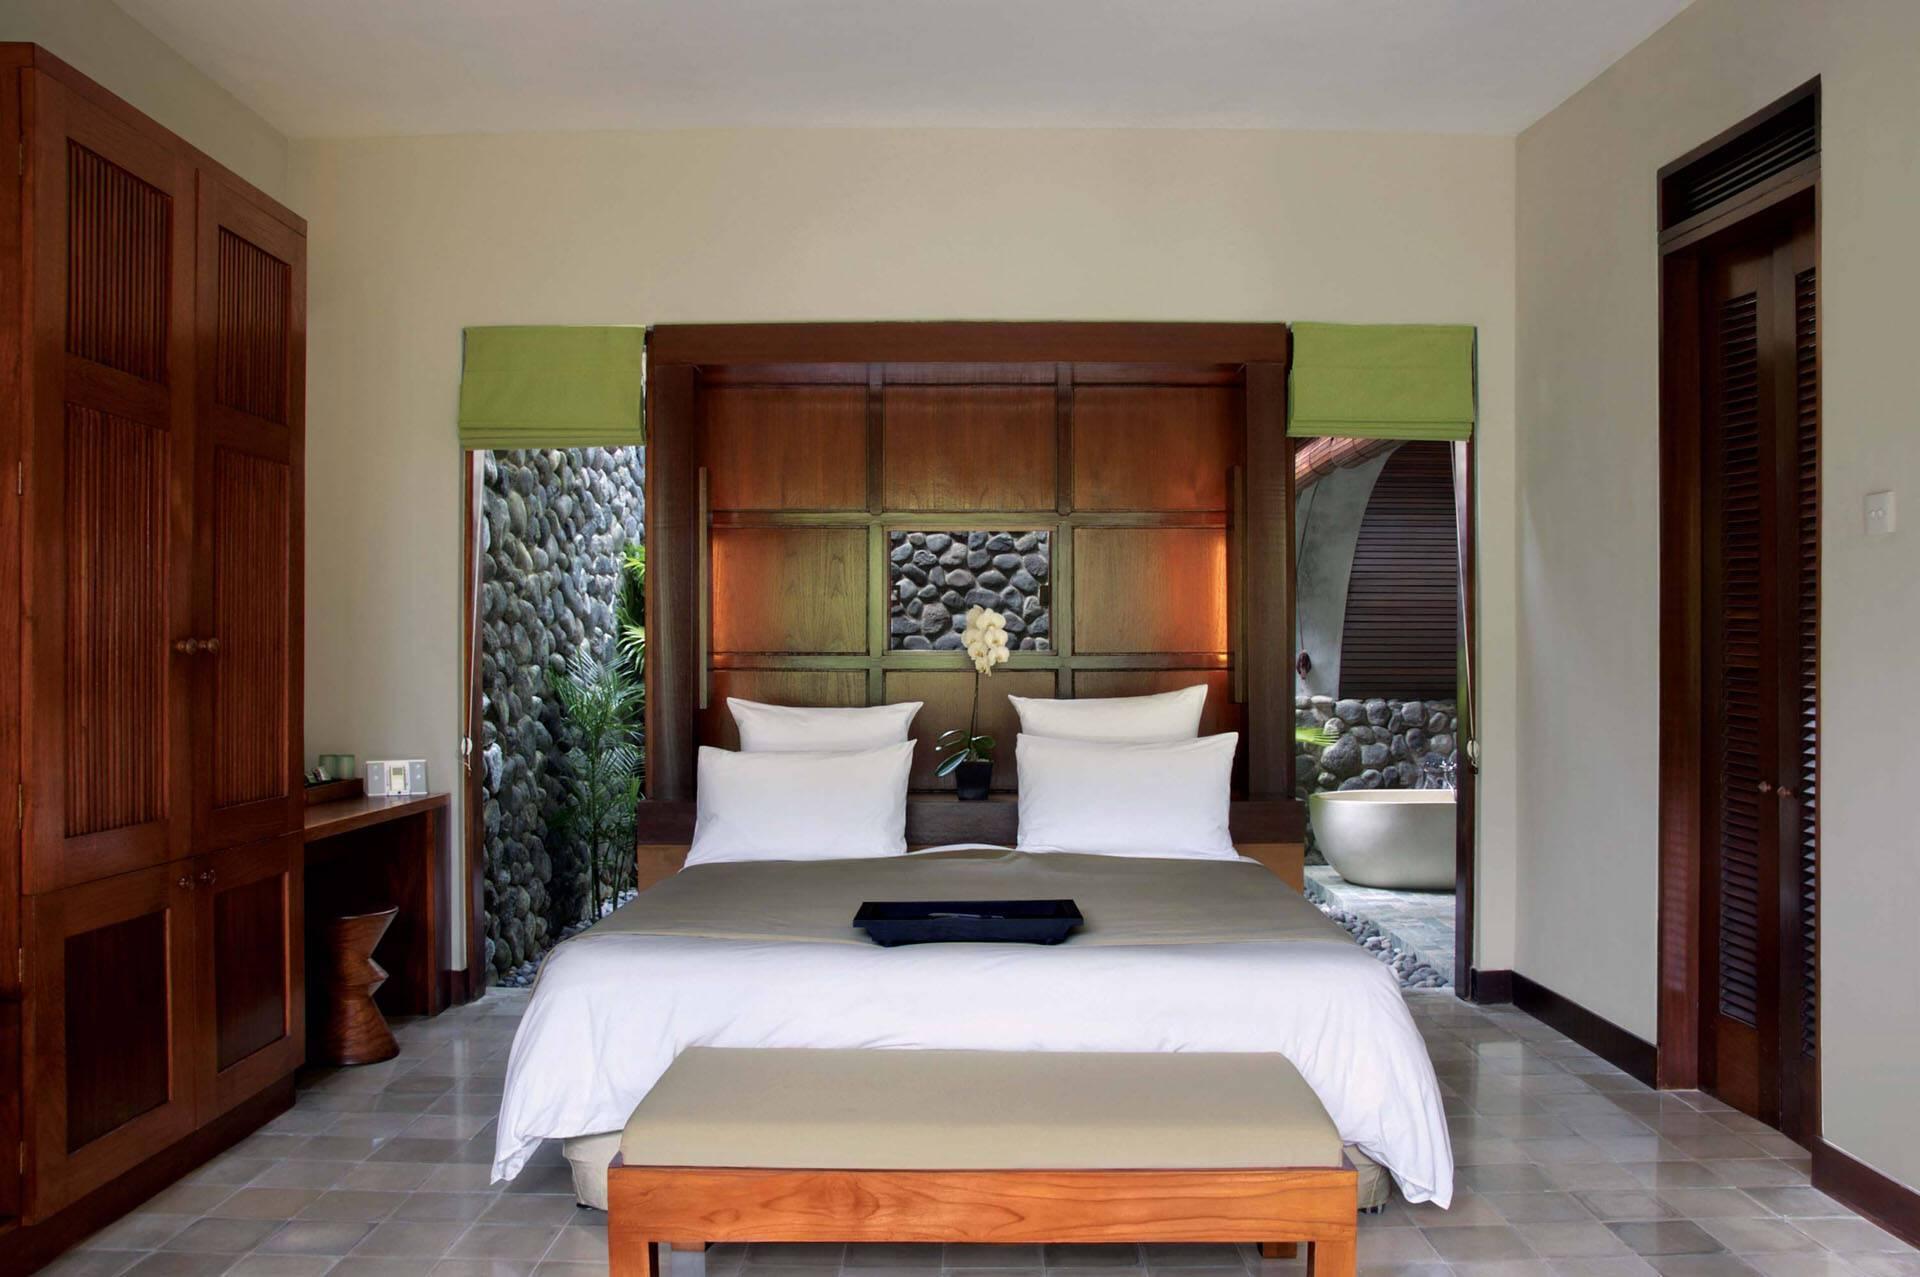 Alila Ubud Bali deluxe Room